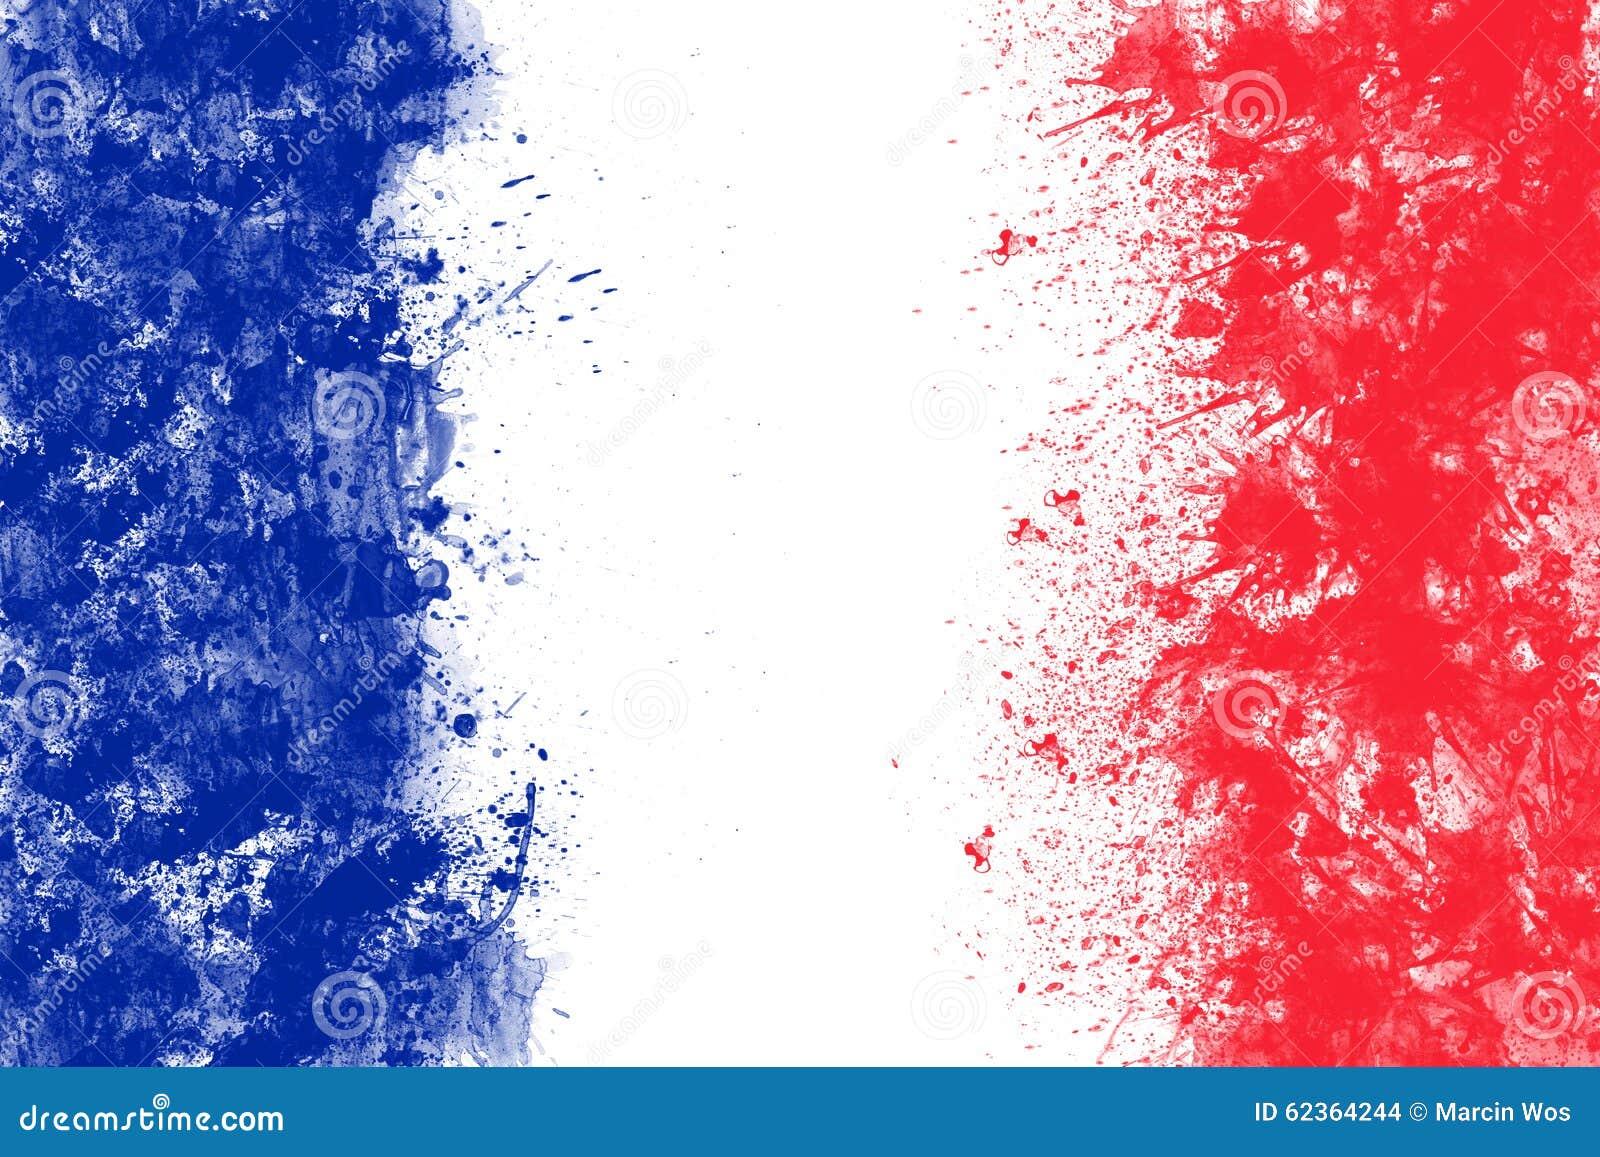 La Bandera Francesa Creada De Chapoteo Colorea Rojo Blanco Azul ...